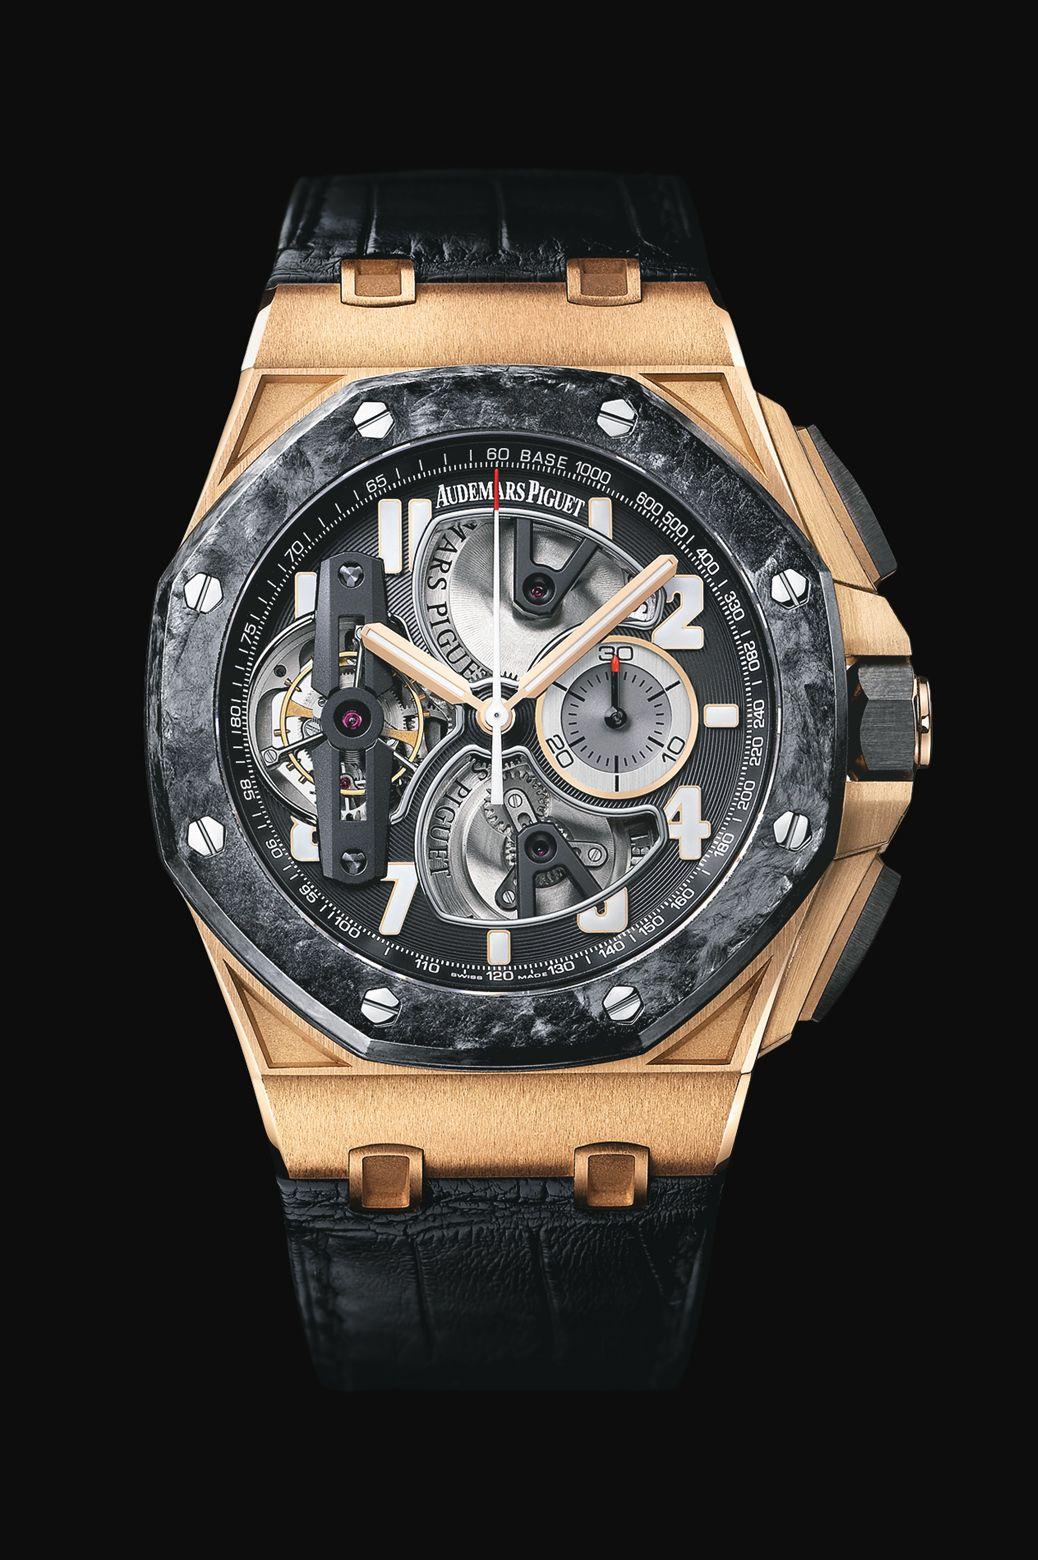 2016 Audemars Piguet Watches | Skeleton watches, Luxury ...